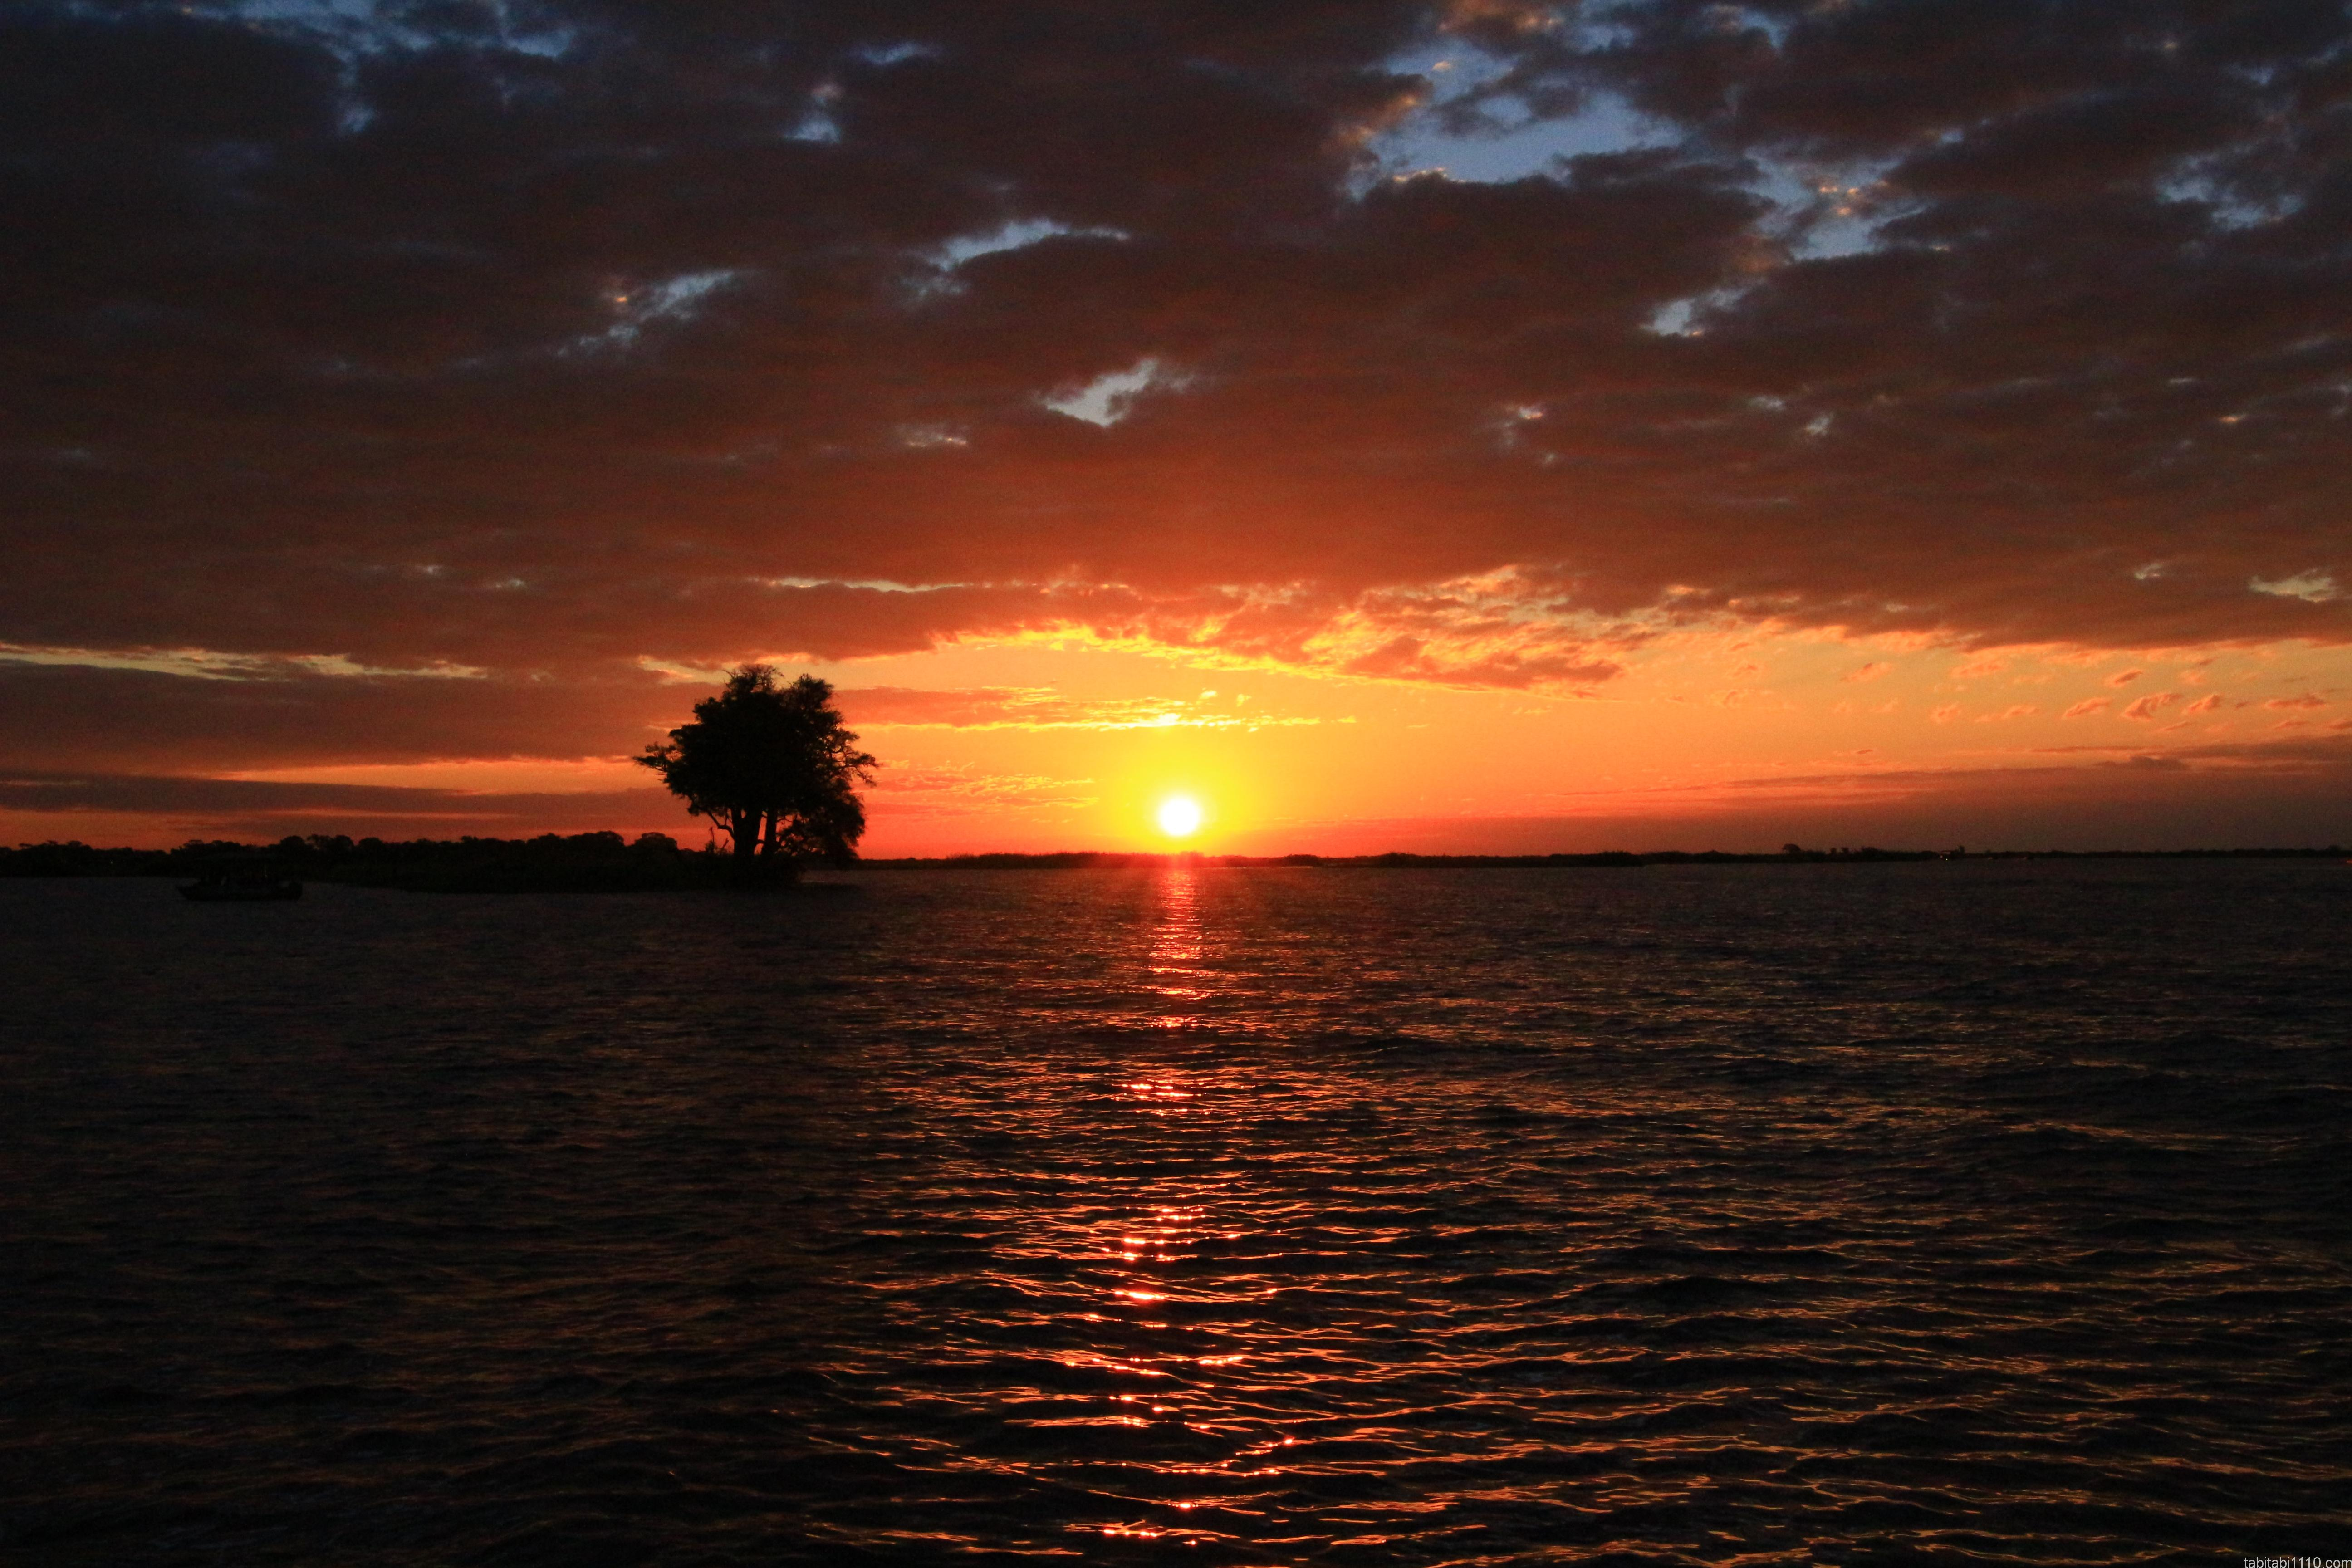 ボツワナ|チョベ|ボートサファリの夕日